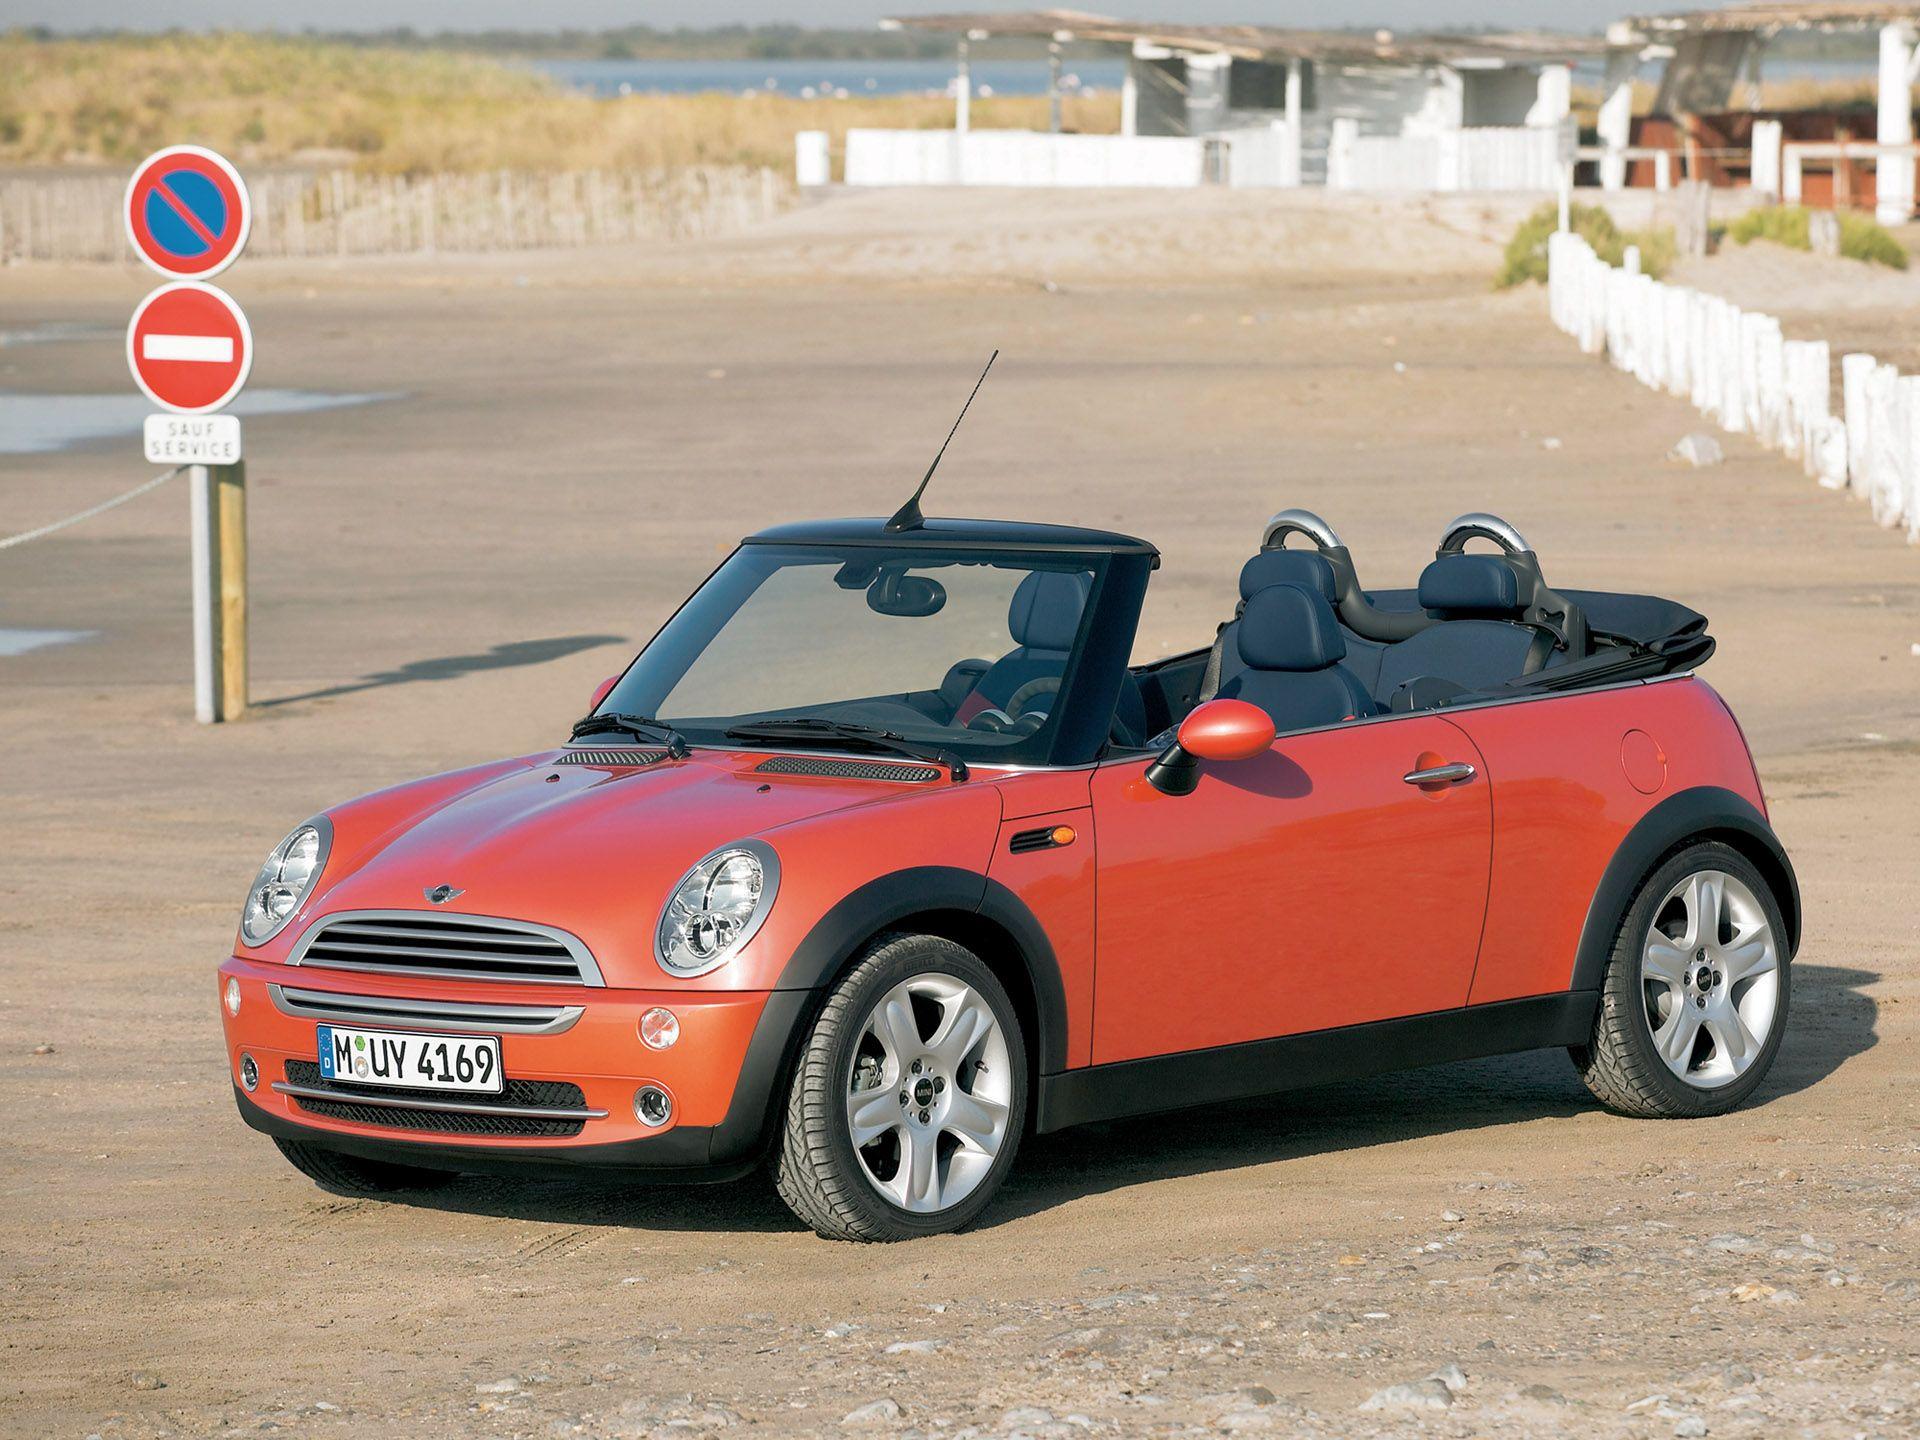 Pin By Ron Pragides On Mini Cooper Mini Cooper Mini Cooper Convertible Mini Cabrio